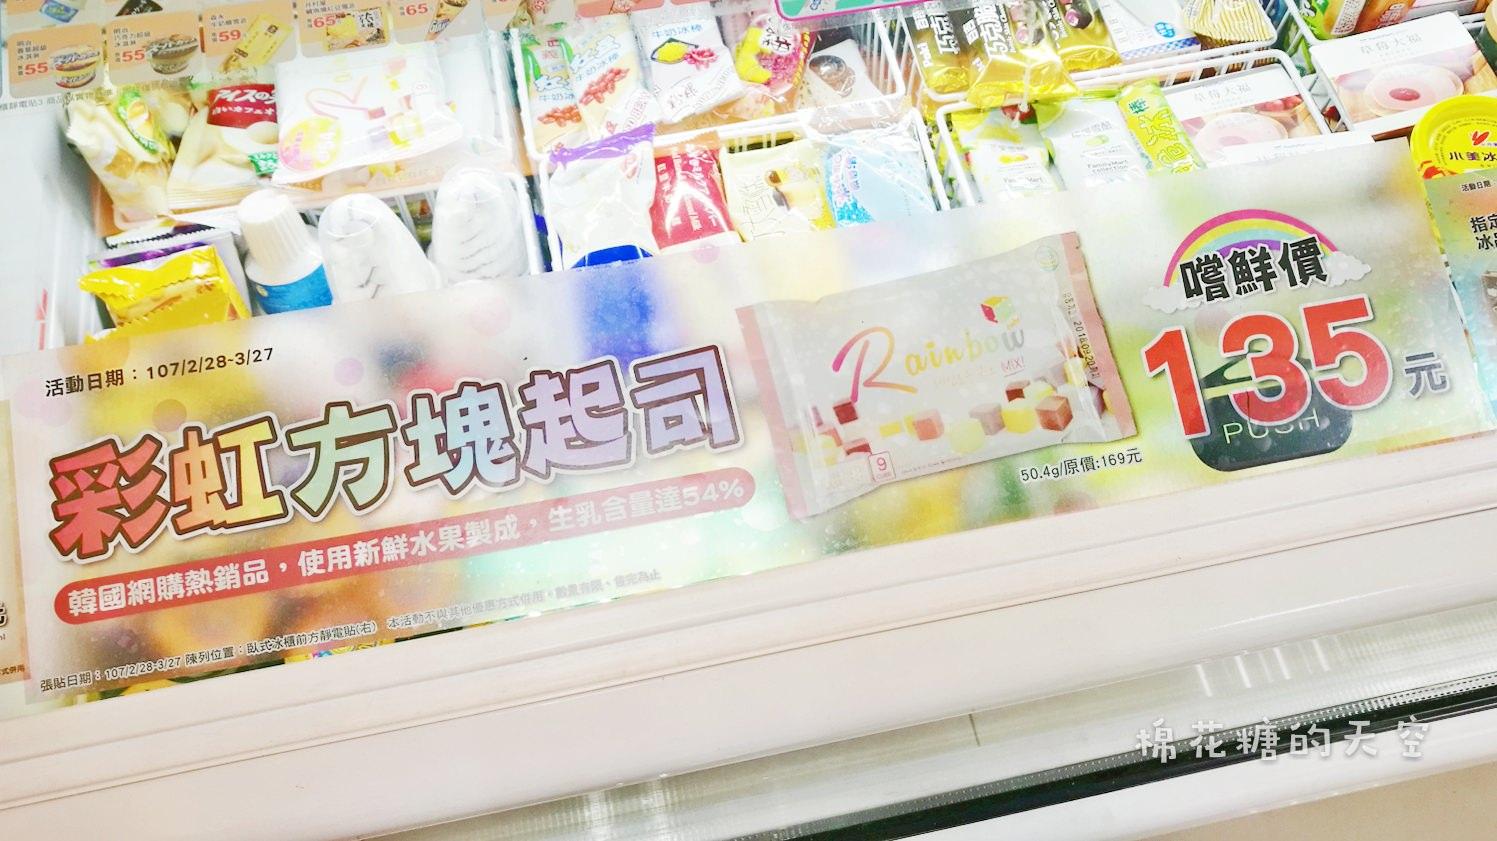 20180307205830 17 - IG超夯!韓國熱賣彩虹水果起司磚來台囉!油畫吐司自己做~